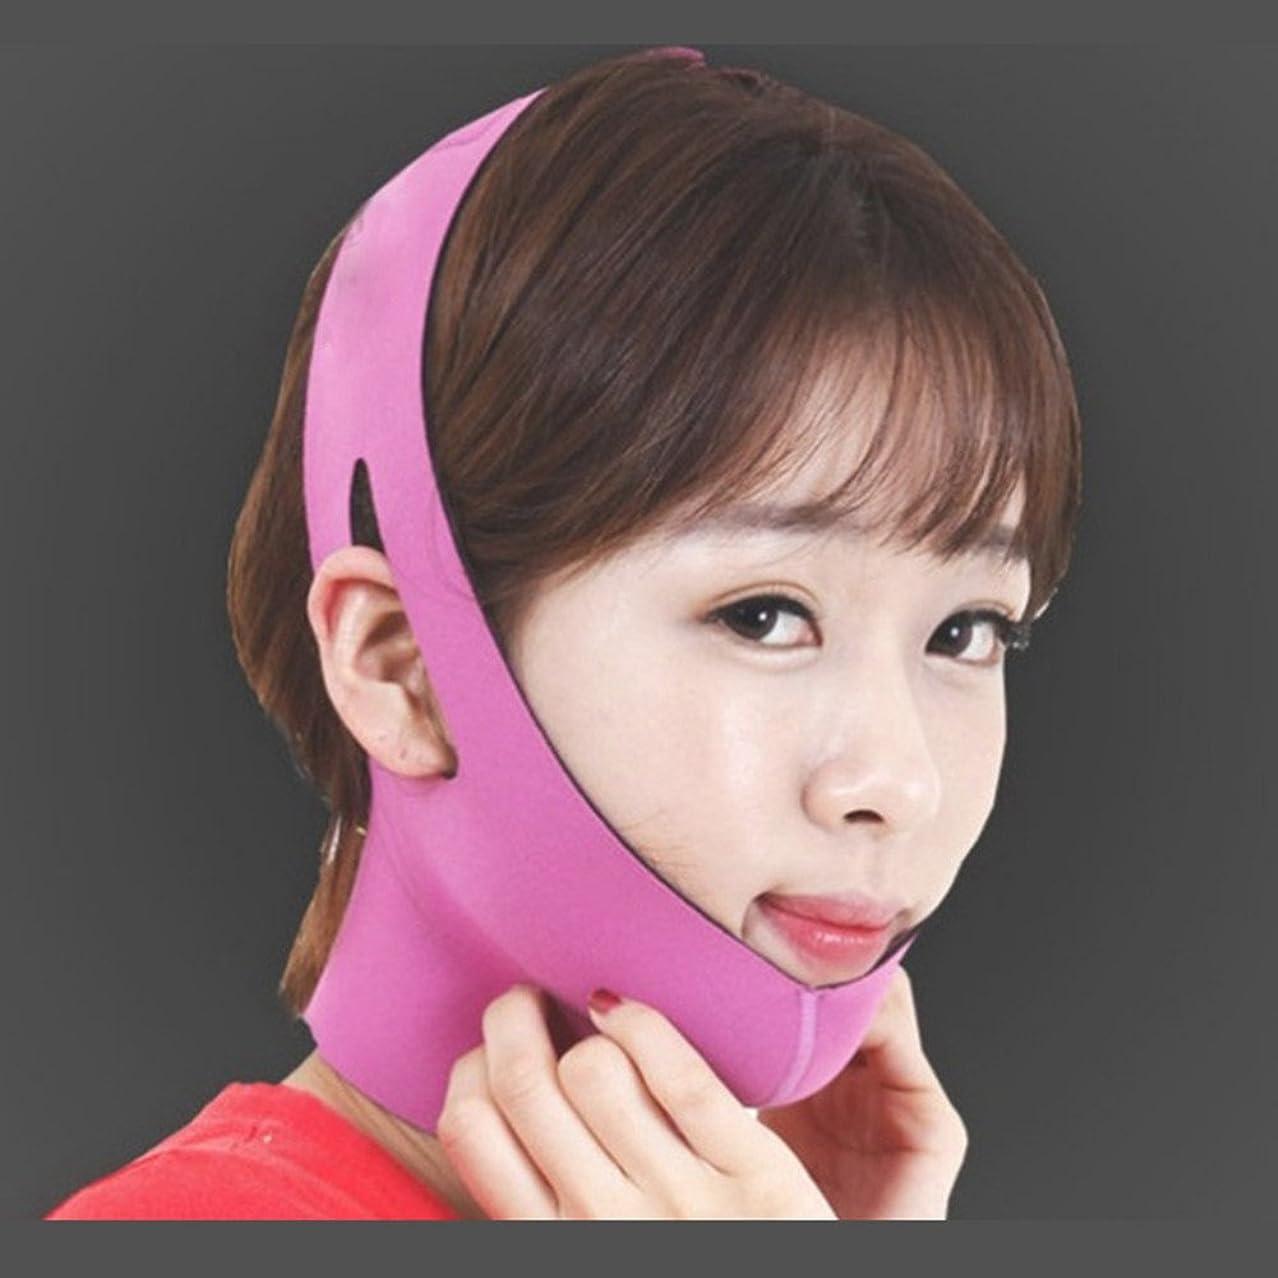 禁じる自慢池JCL 小顔リフトアップベルト 二重あご 小顔マスク グッズ 顔痩せ 小顔 ベルト 小顔コルセット フリーサイズ (ピンク)